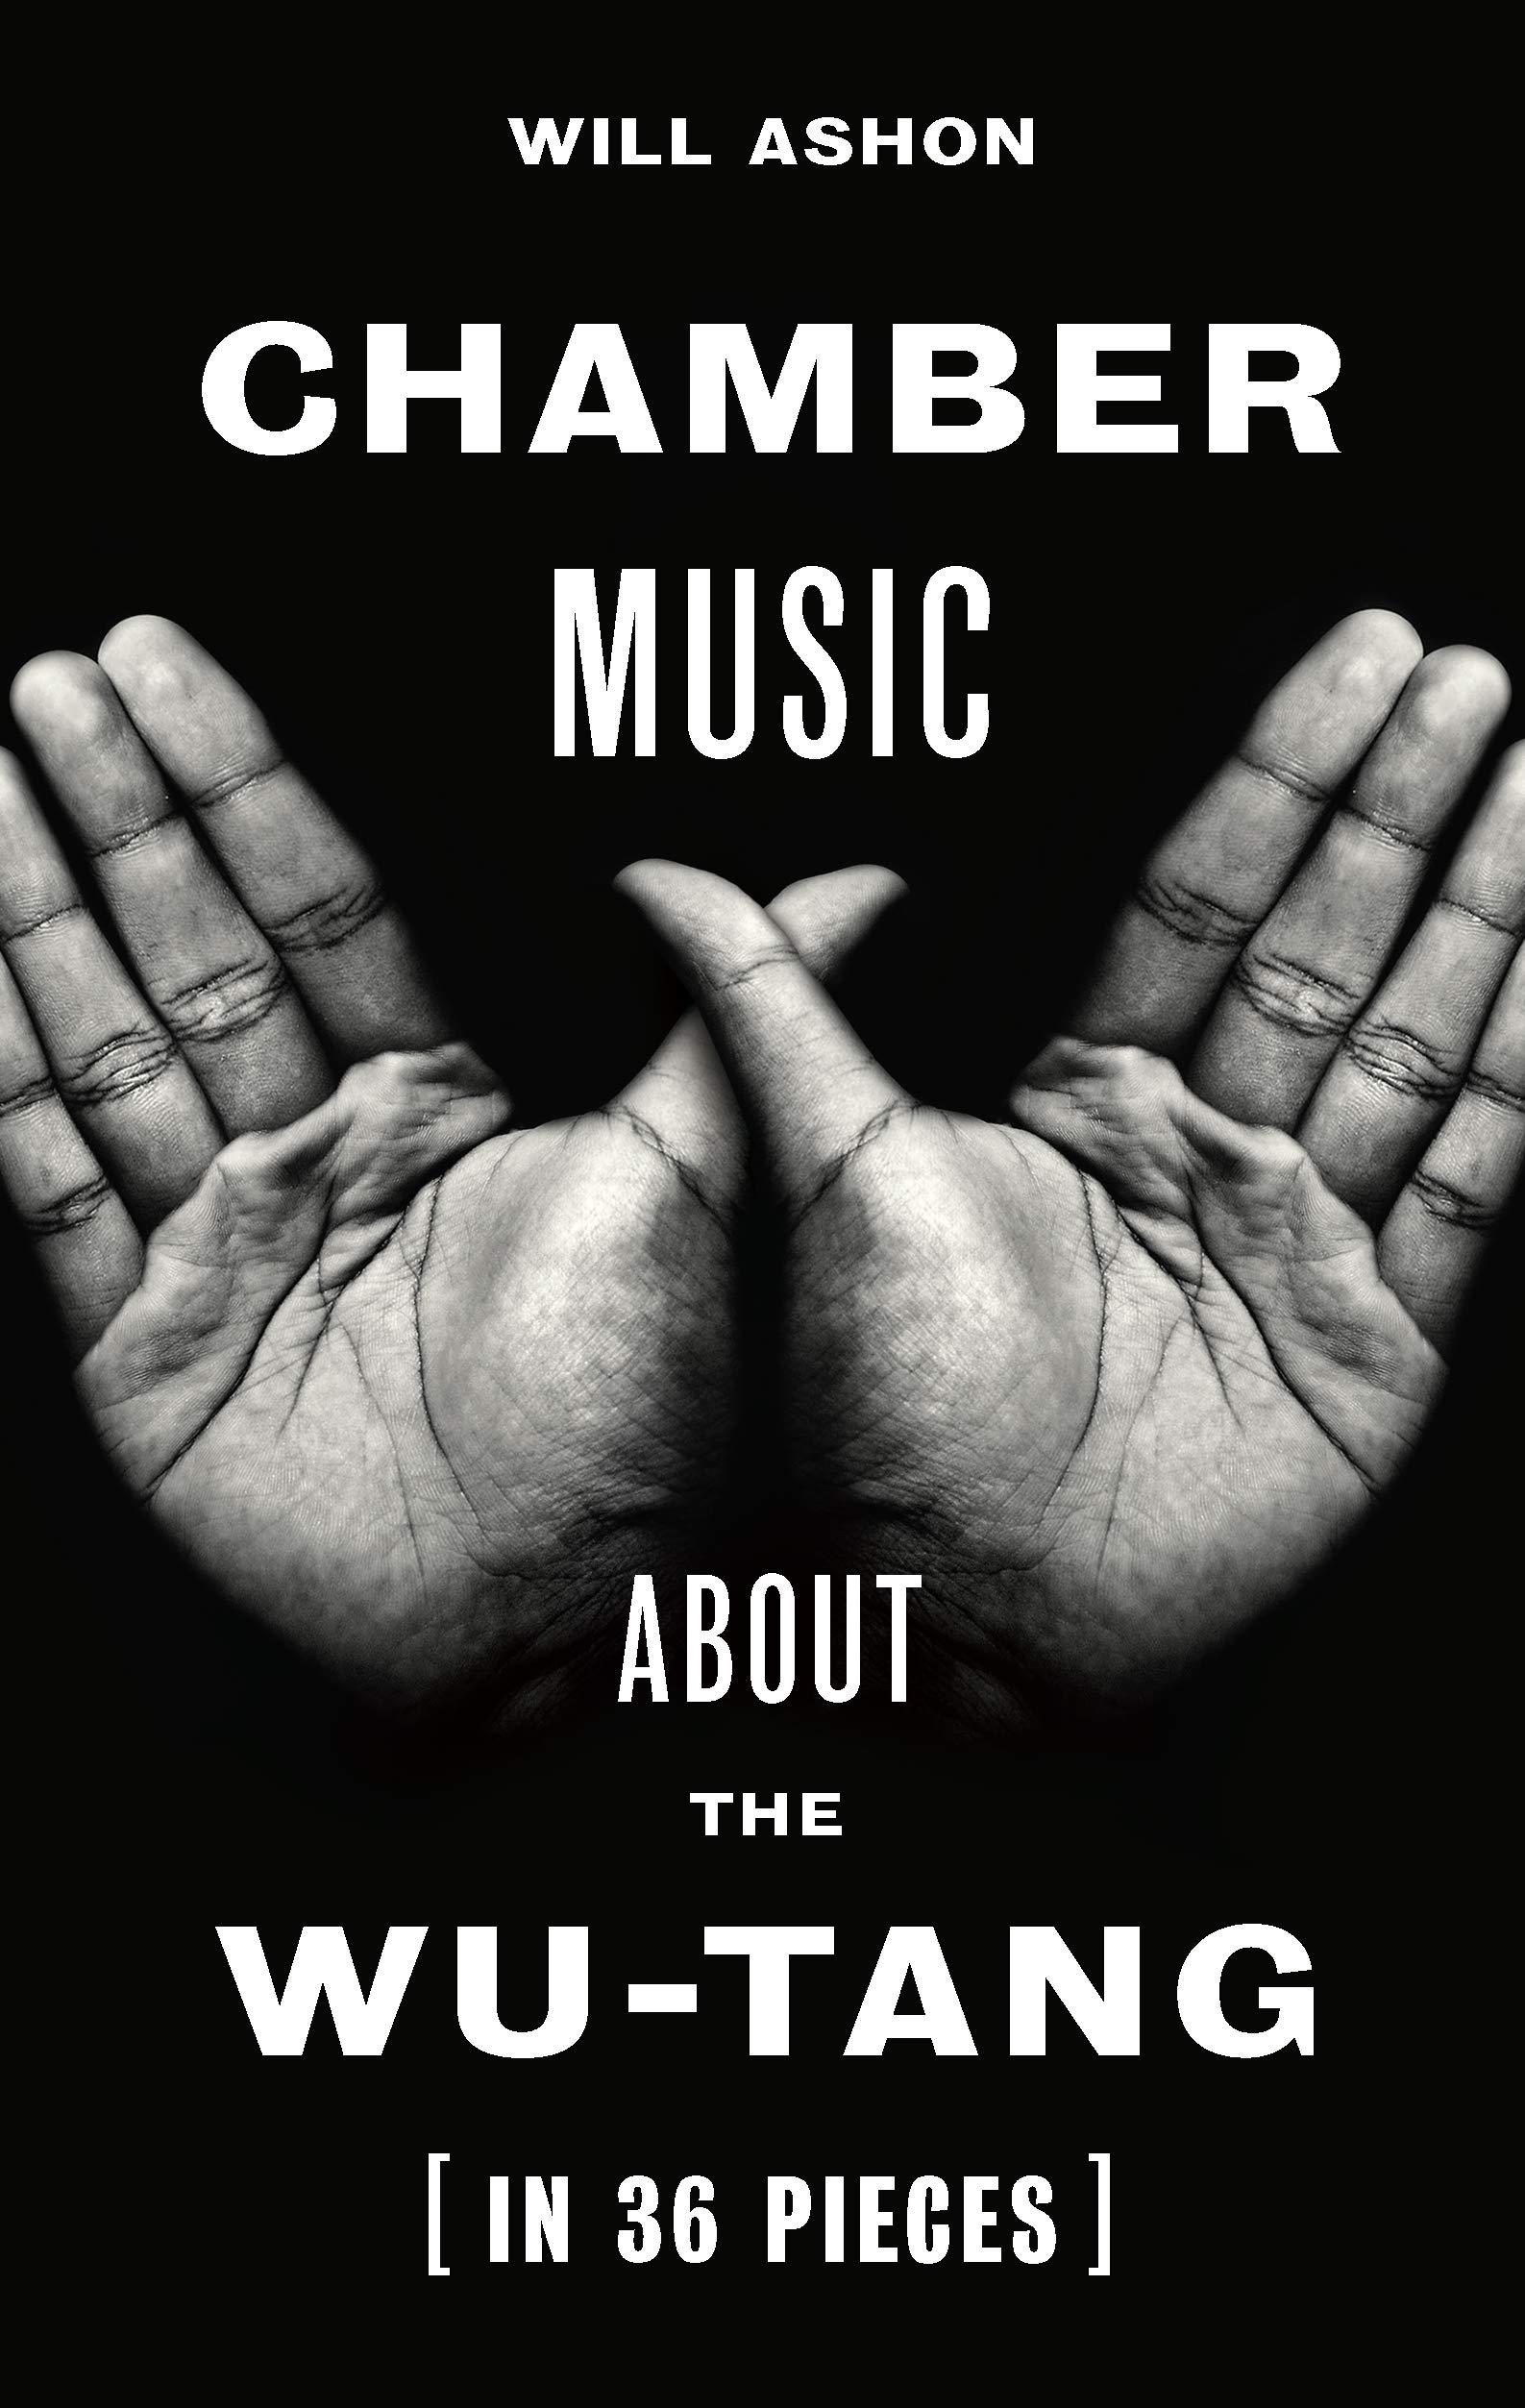 Will Ashon - Chamber Music